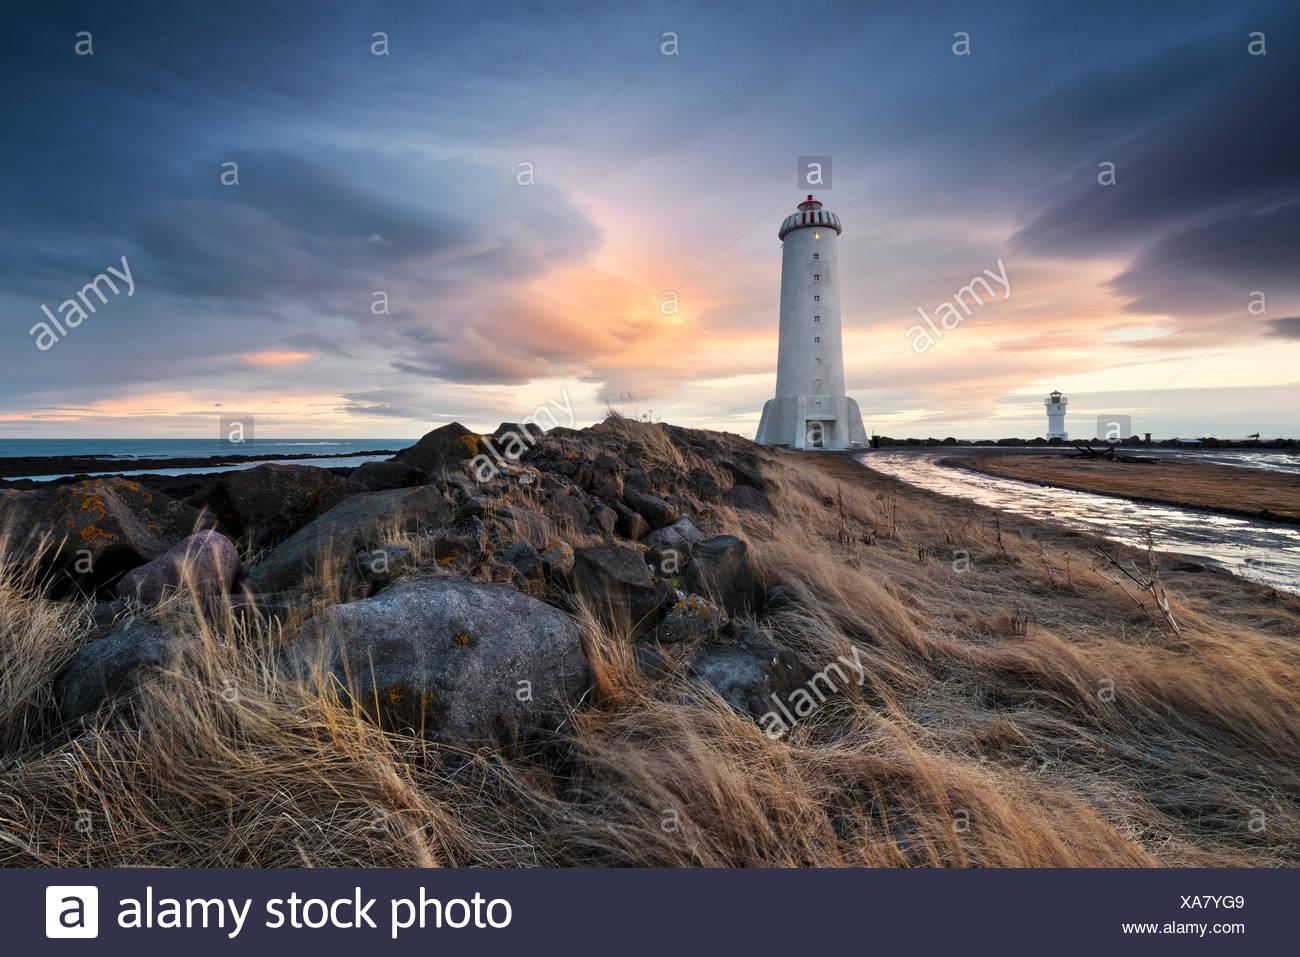 Akranes Anuncios, Faro, Islandia, atmósfera, azul, pintura, luces, roca, mar, nubes, dramático Imagen De Stock